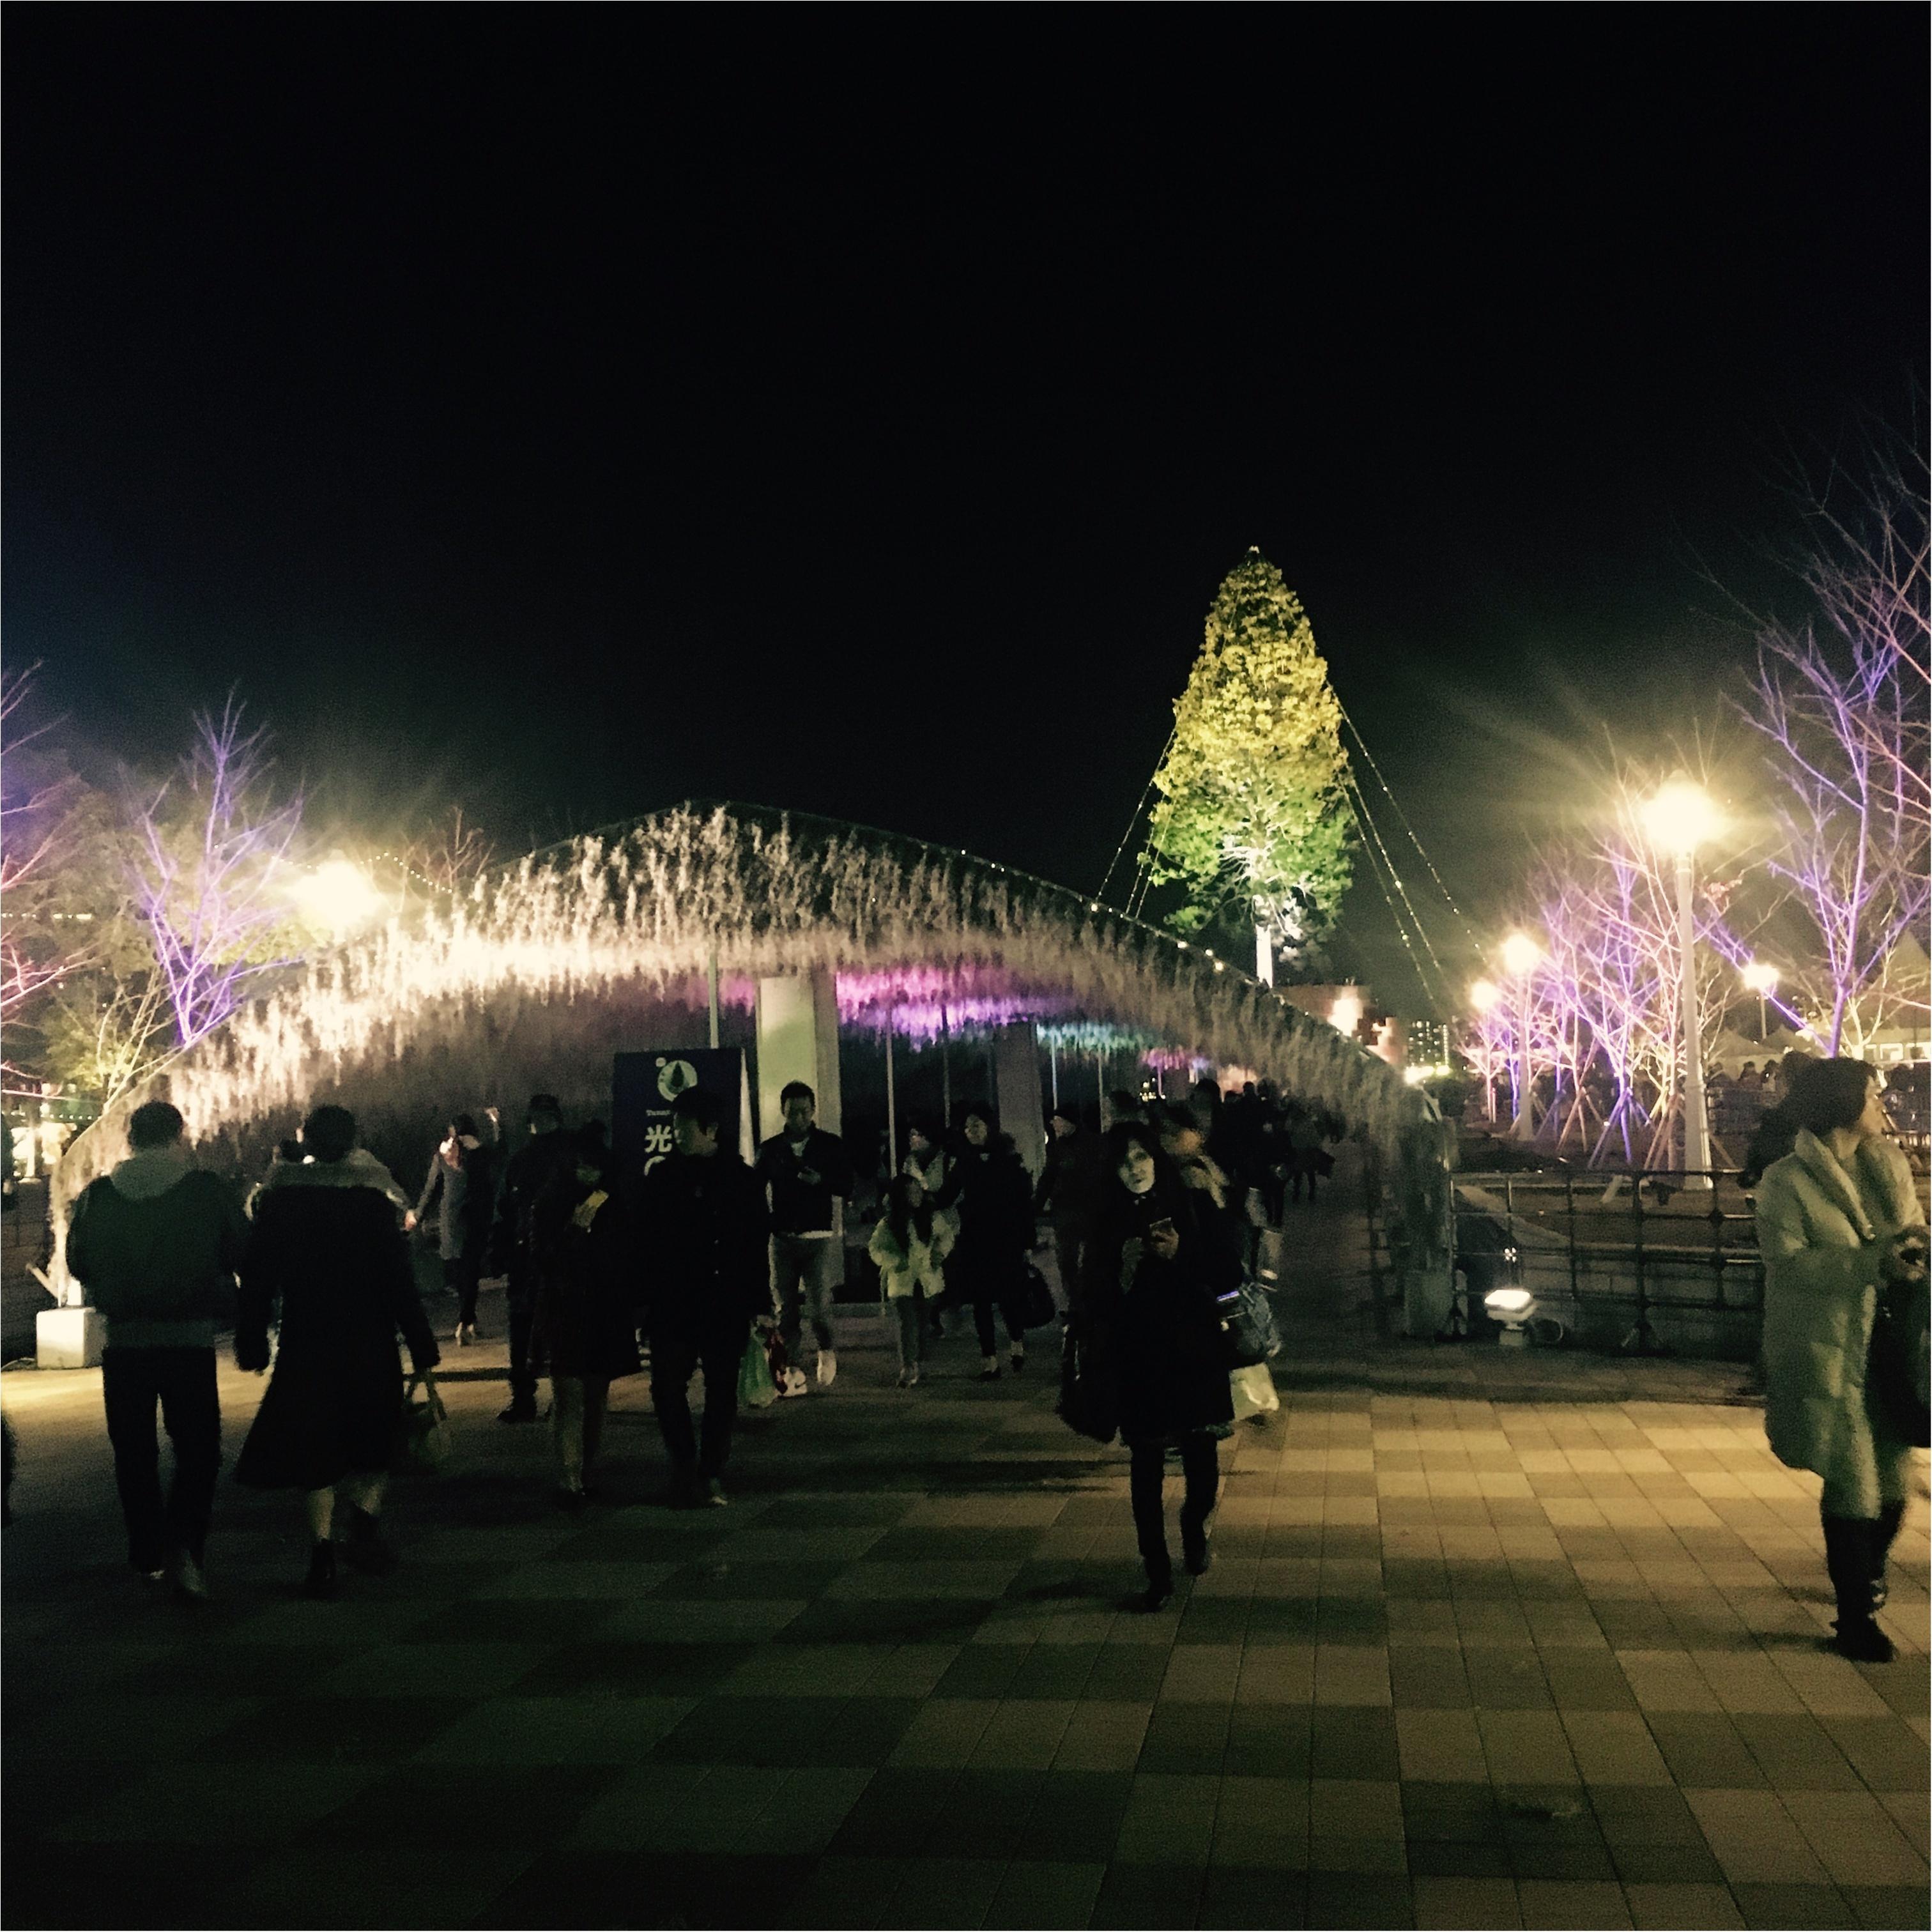 【神戸】で≪世界一高いクリスマスツリー≫が見れちゃうスポット!とってもオススメです!_4